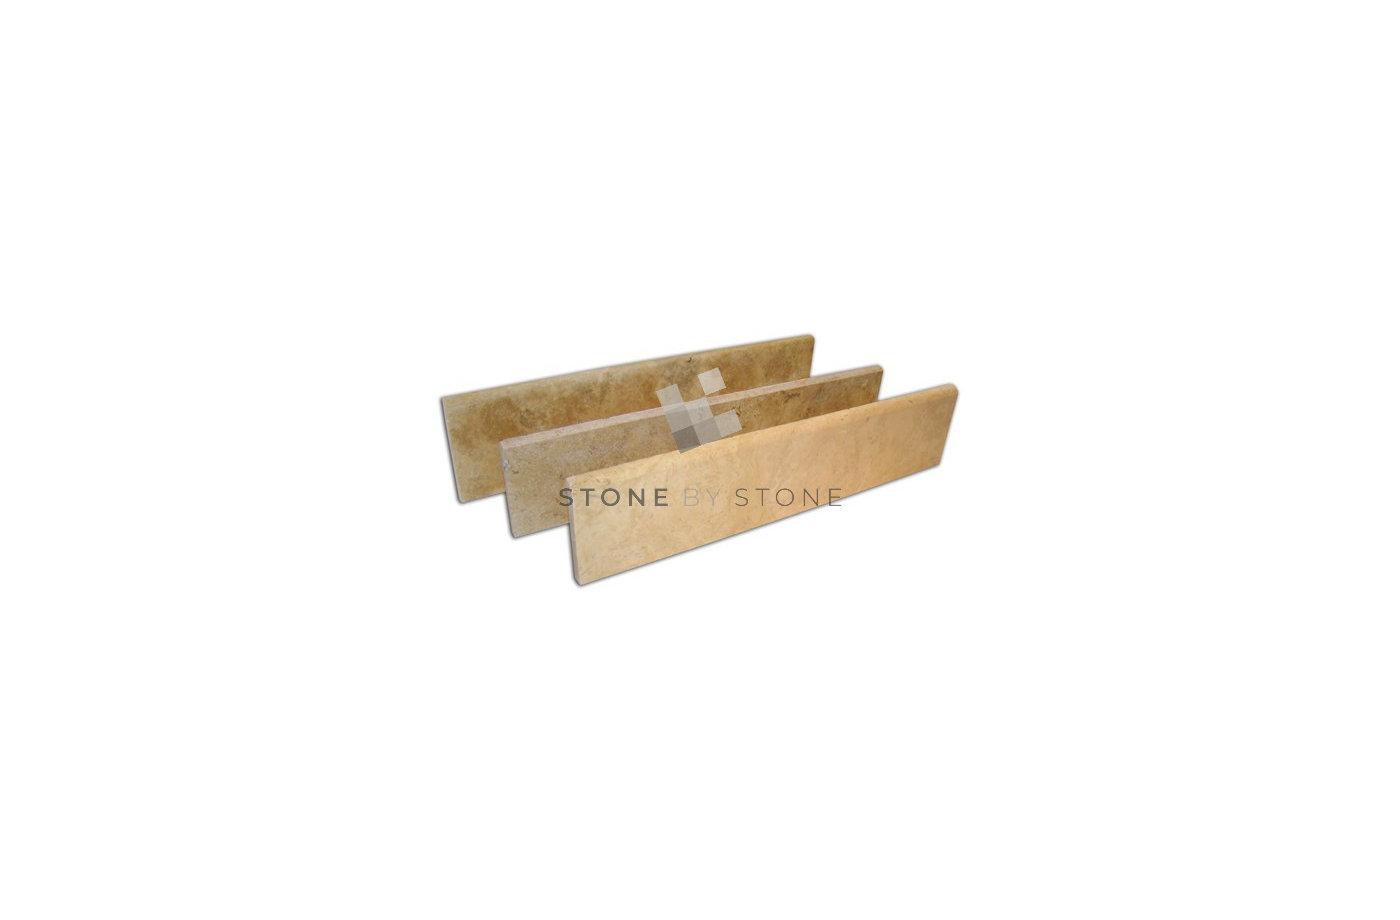 Plinthe 3X3cm longueur libre - Marbre Sinai - Vieilli - Beige cendré